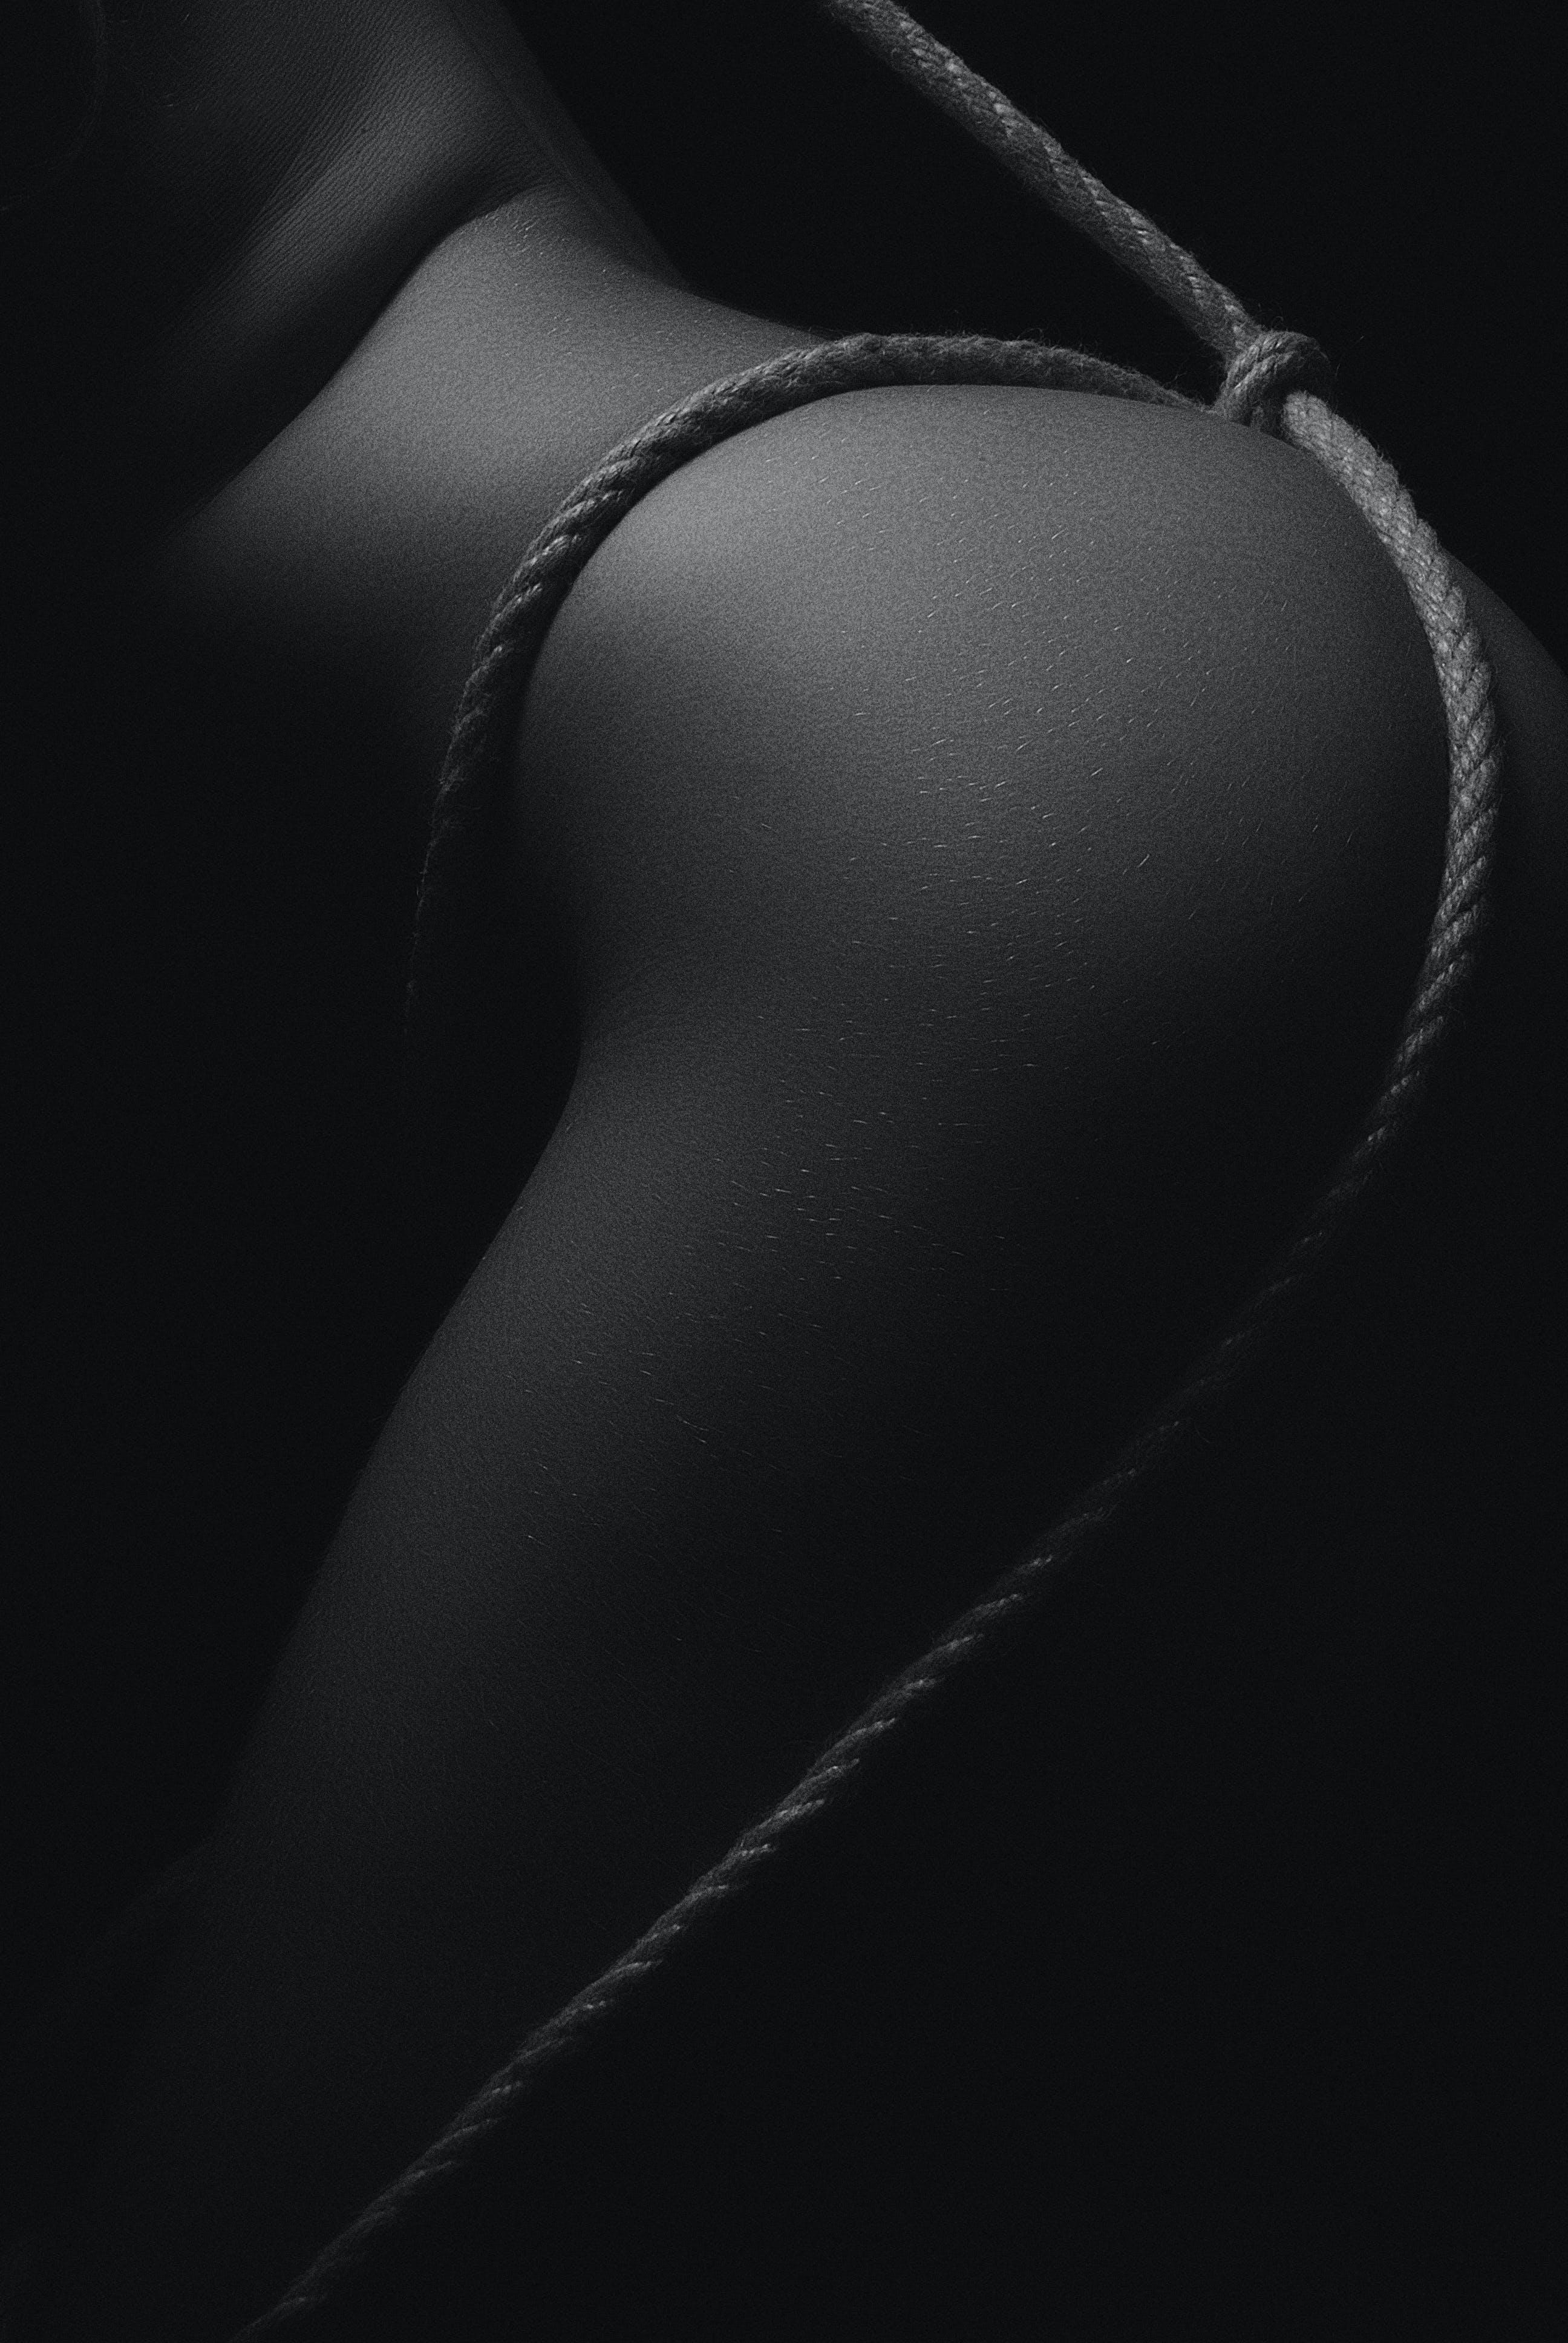 cilt, çıplak, erotik, Halat içeren Ücretsiz stok fotoğraf